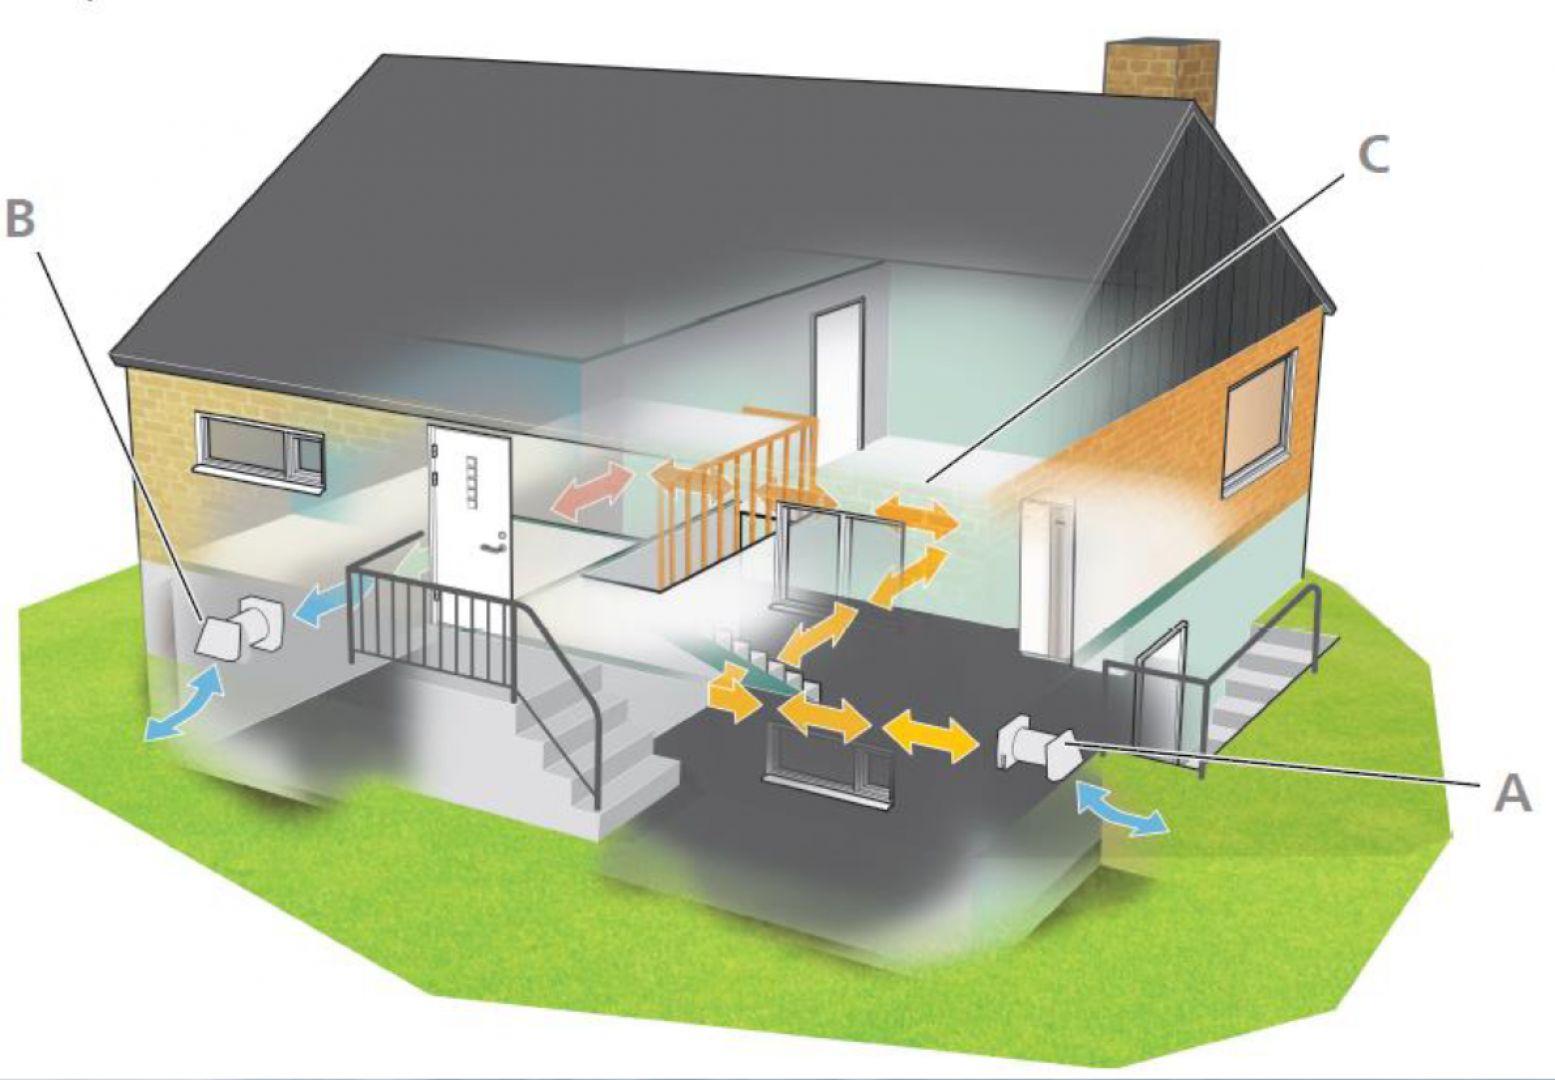 Działanie wentylacji mechanicznej na bazie rekuperatorów pokojowych DVC 10: A. Odzyskiwanie ciepła z powietrza wywiewanego. B. Nawiew, filtracja i ogrzewanie powietrza zewnętrznego, jeżeli jego temp. jest niższa niż temp. W pomieszczeniu. C. Transport powietrza pomiędzy pomieszczeniami. Po 70 sek. Następuje odwrócenie kierunku obrotów wentylatorów w DVC 10. Fot. Nibe-Biawar